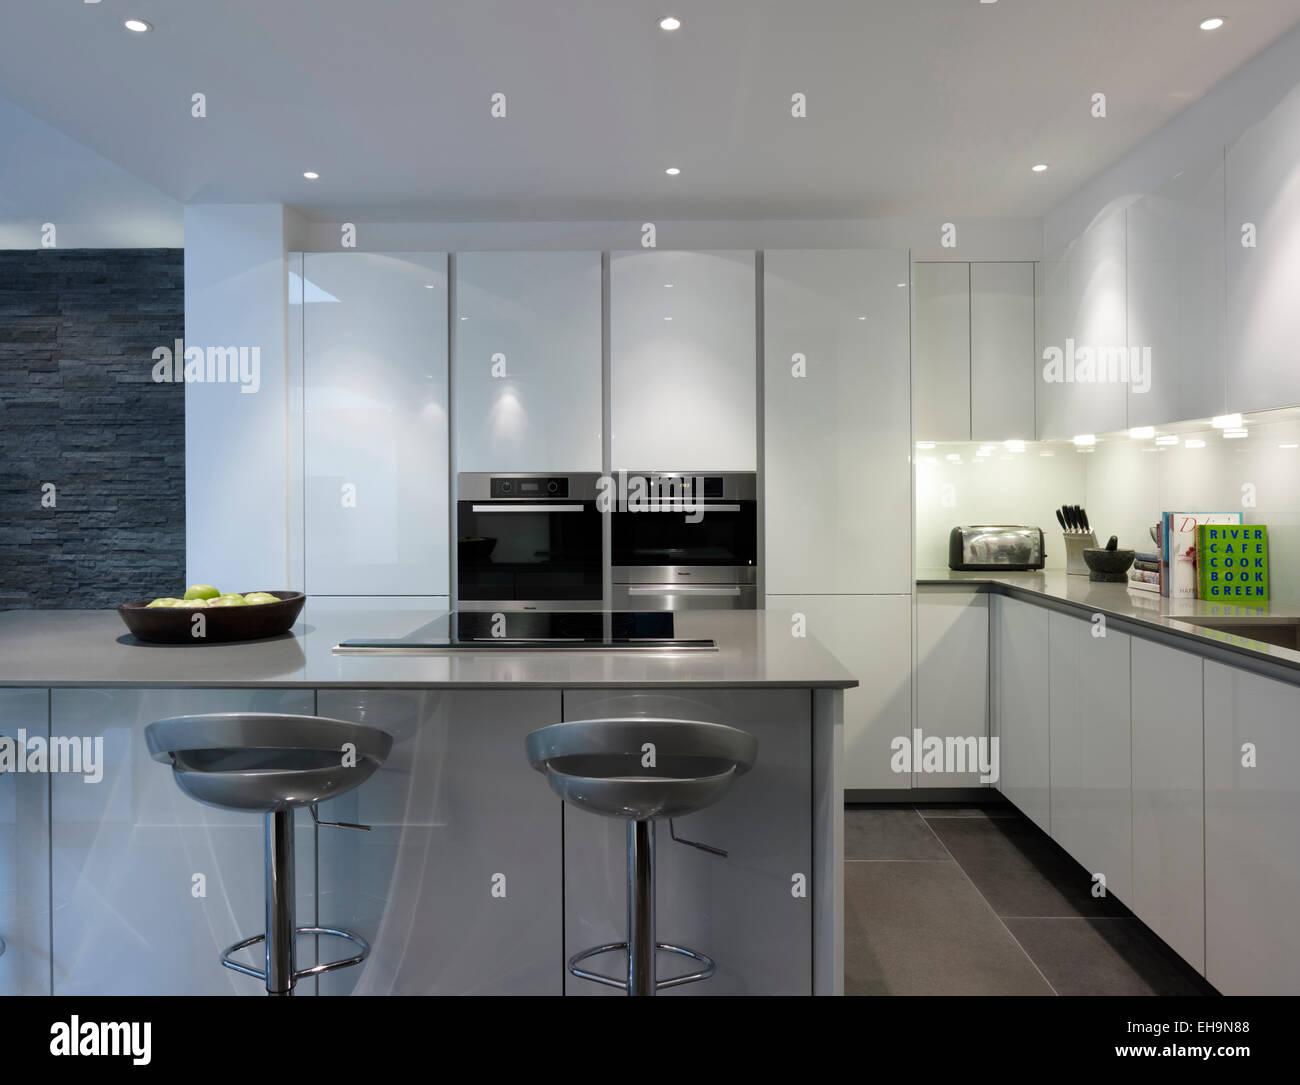 Charmant Steinmauer Küche Fotos - Ideen Für Die Küche Dekoration ...